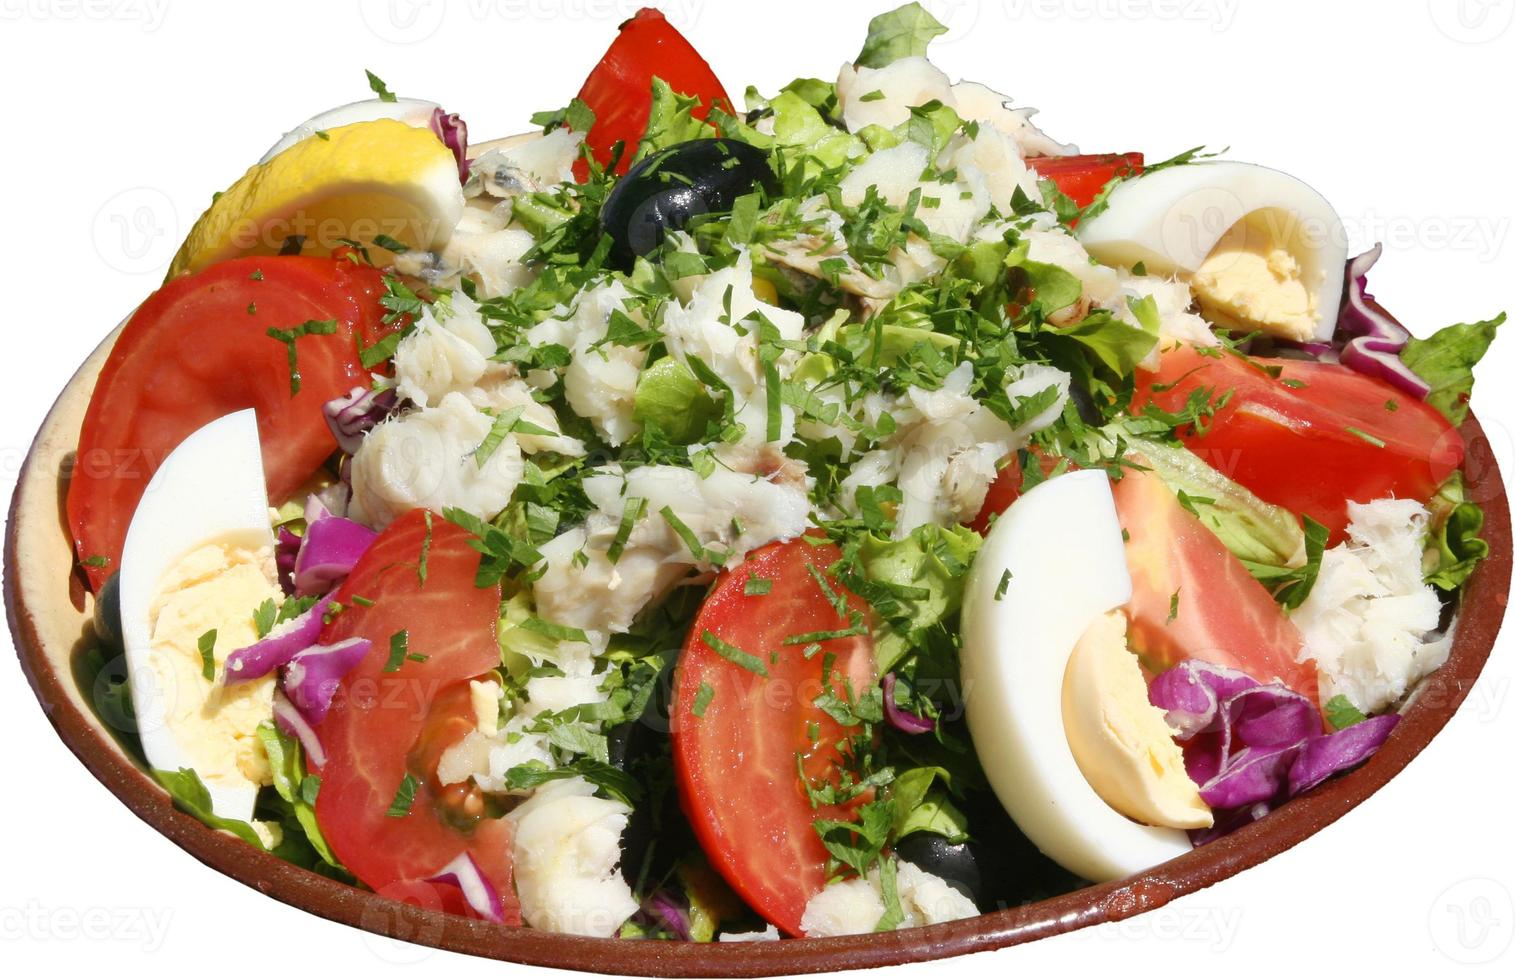 Ensalada fresca sazonada con verduras, huevos, tomates y hierbas. foto